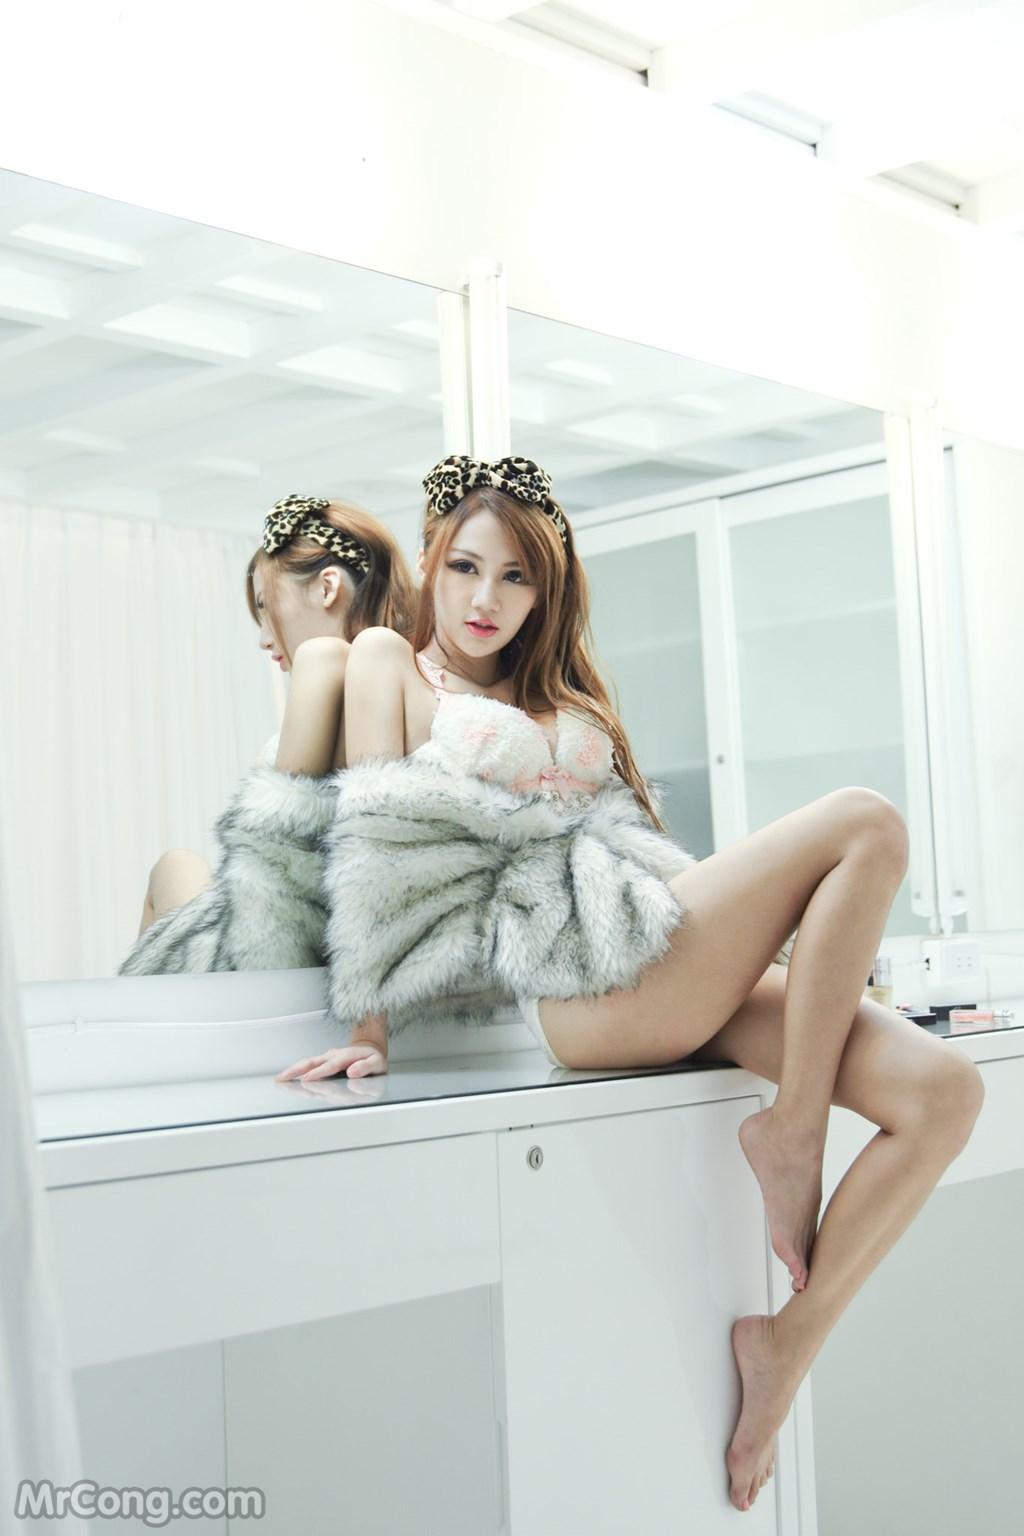 Image Girl-xinh-Dai-Loan-by-Joseph-Huang-Phan-1-MrCong.com-0015 in post Các cô gái Đài Loan qua góc chụp của Joseph Huang (黃阿文) - Phần 1 (1480 ảnh)